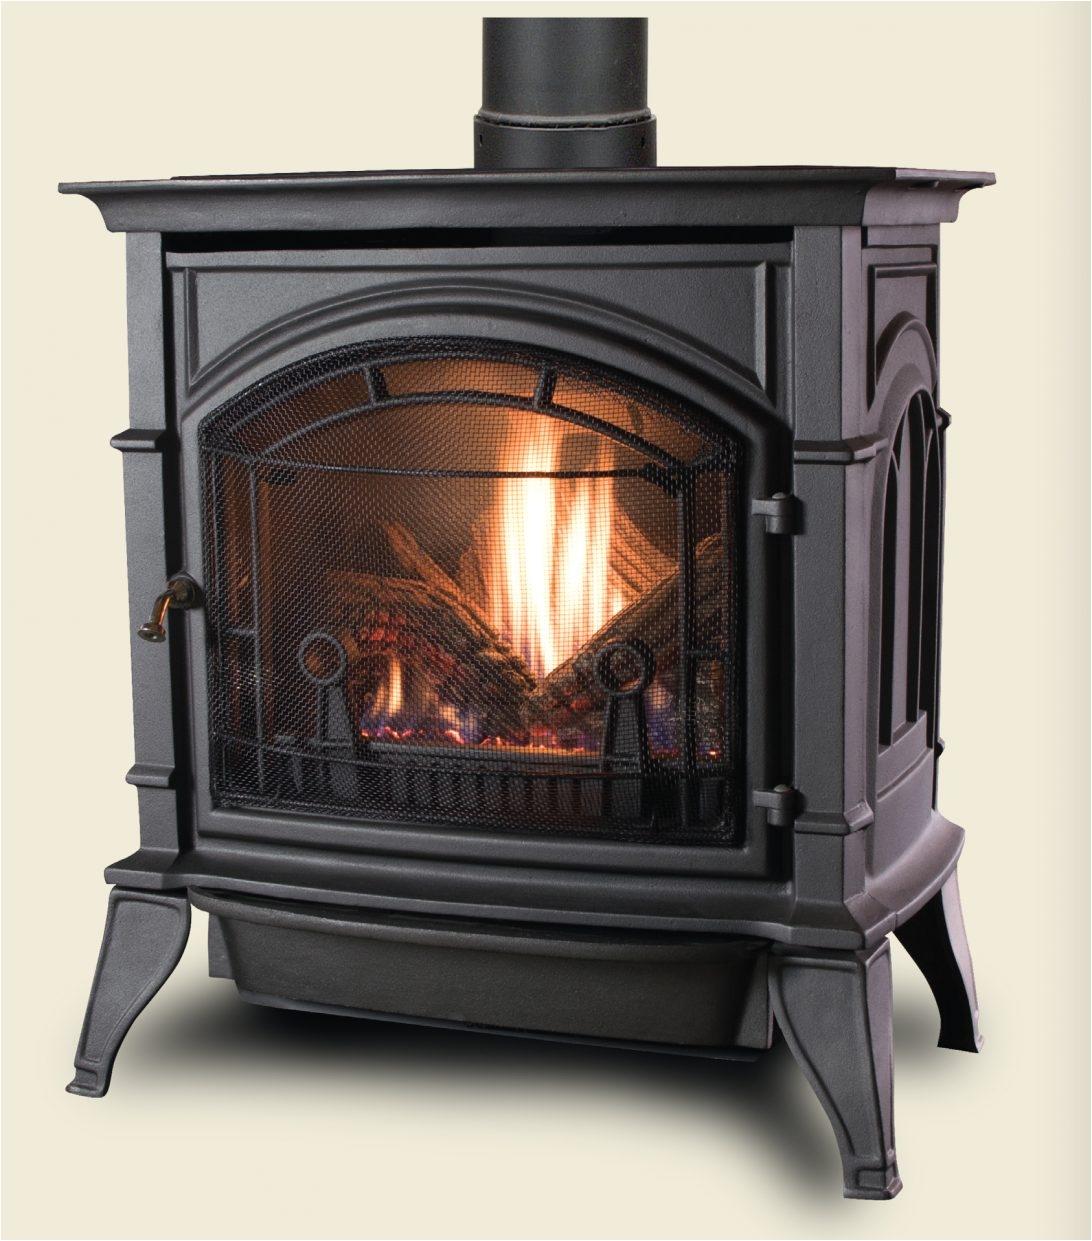 top 75 magic temco fireplace parts fireplace mantels fireplace grate temco fireplace products wood burning fireplace